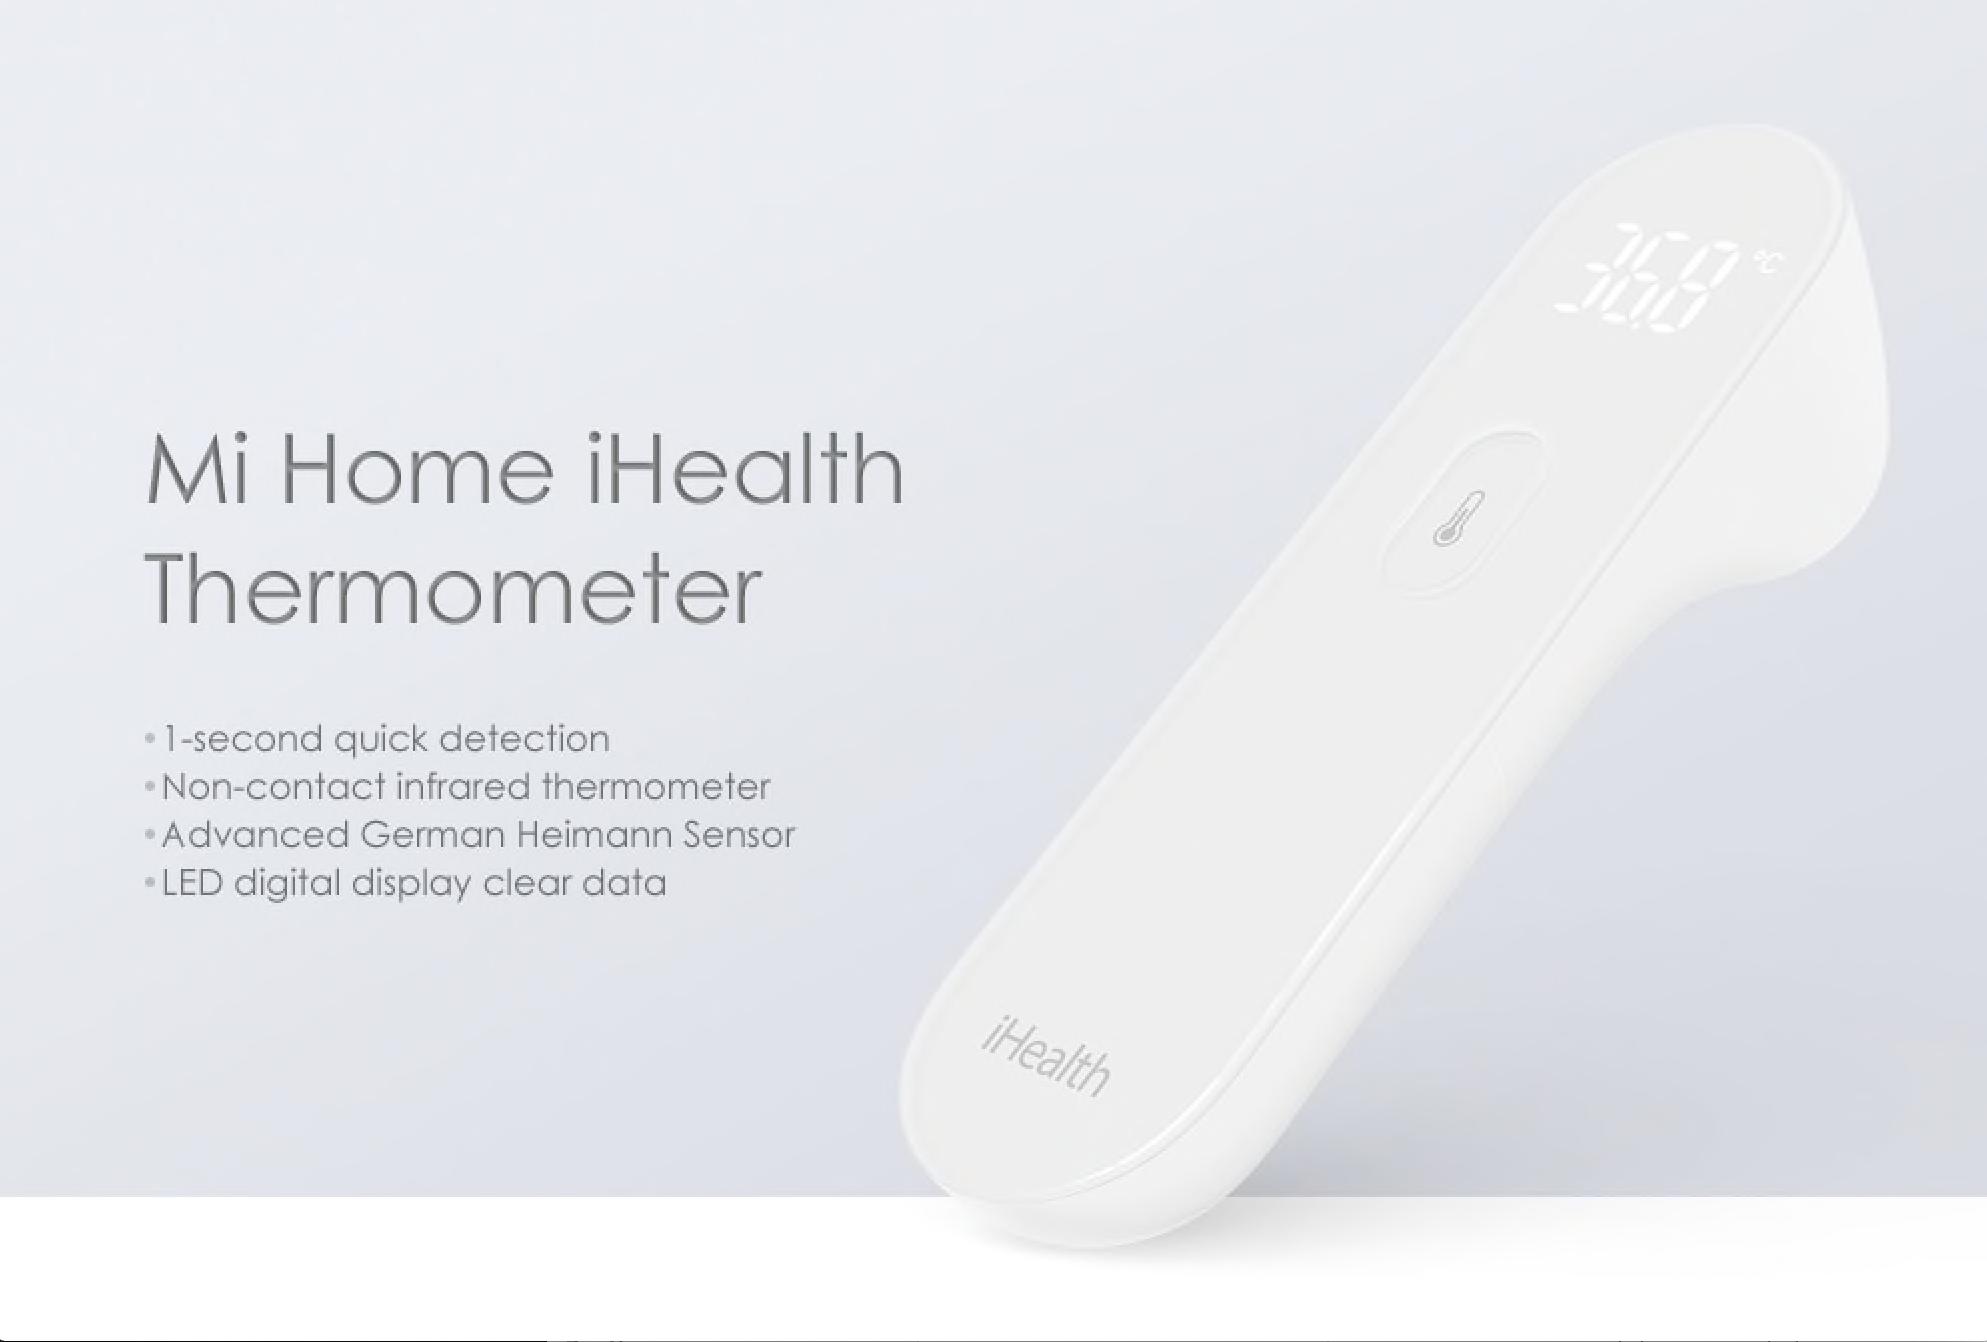 Bezkontaktní teploměr Xiaomi Mi Home iHealth jen nyní ve slevě! [sponzorovaný článek]